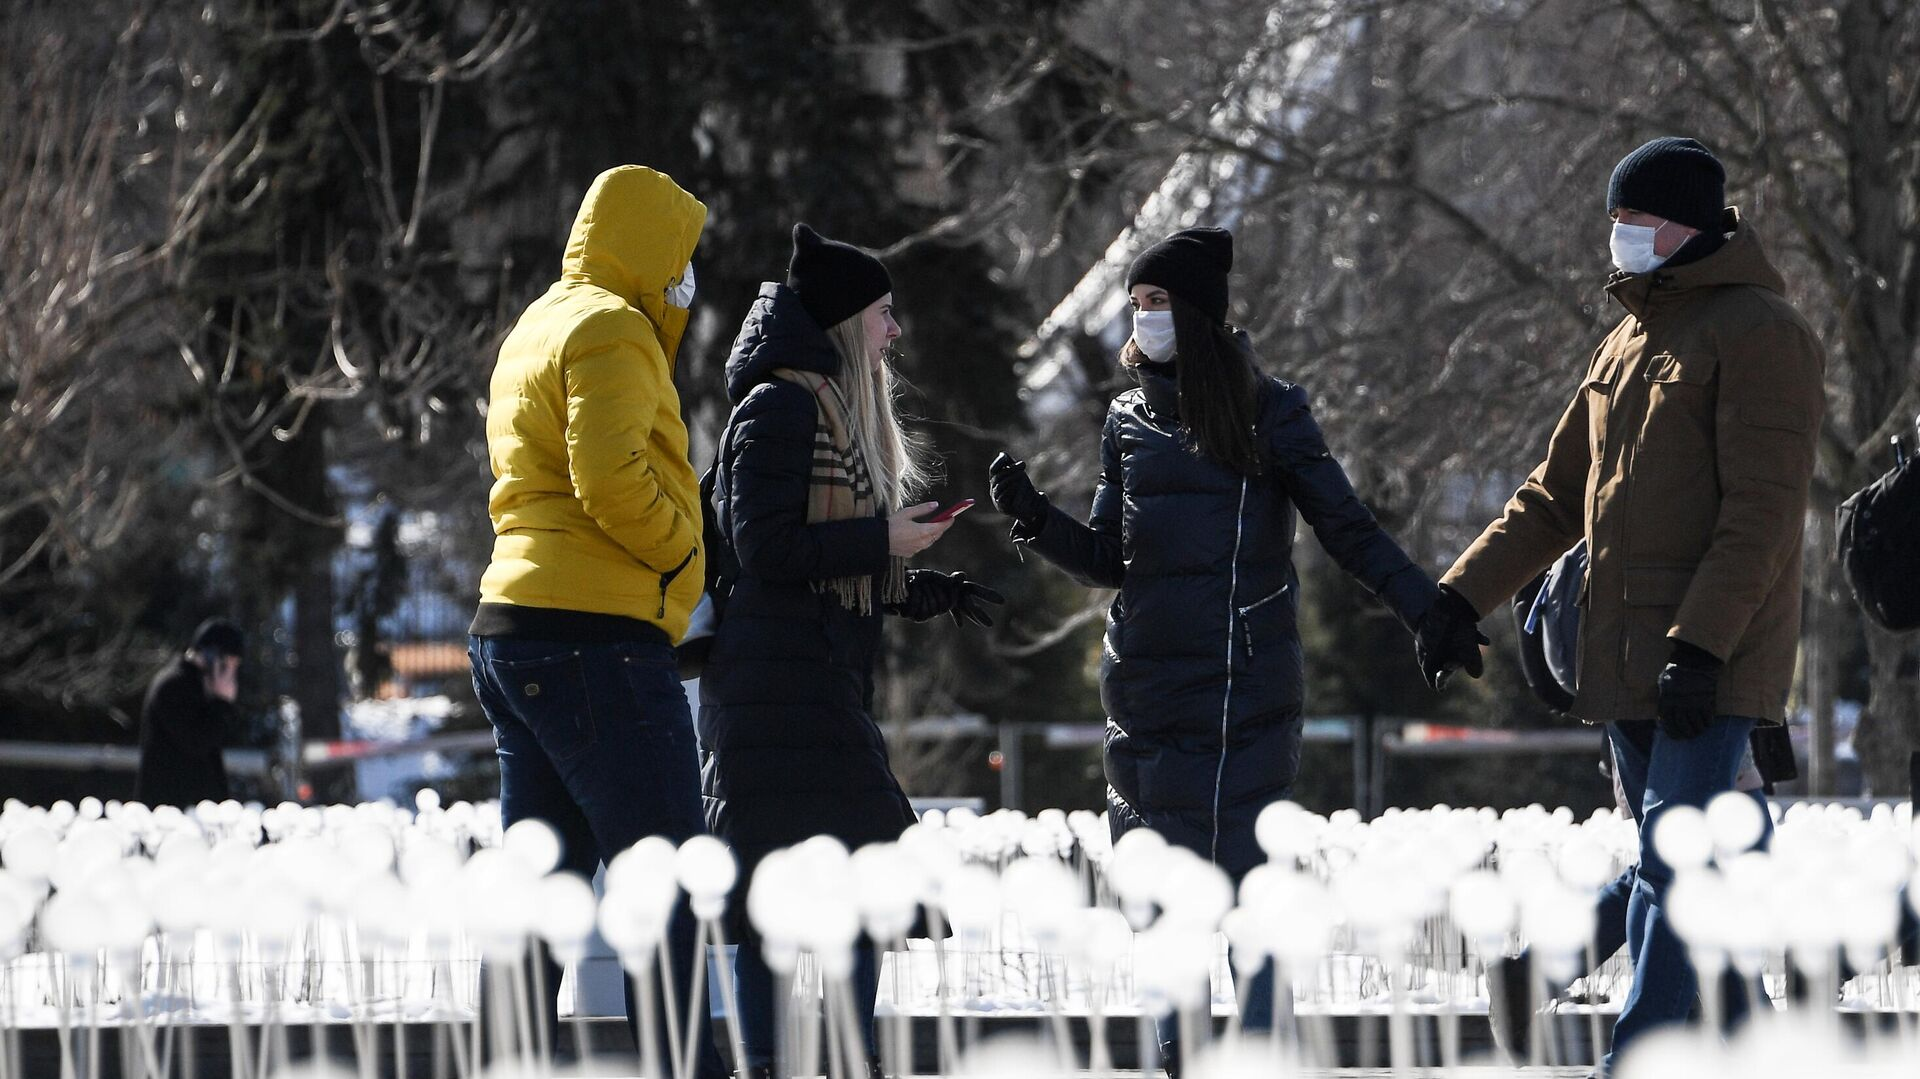 Молодые люди в медицинских масках гуляют на ВДНХ в Москве - РИА Новости, 1920, 20.03.2021